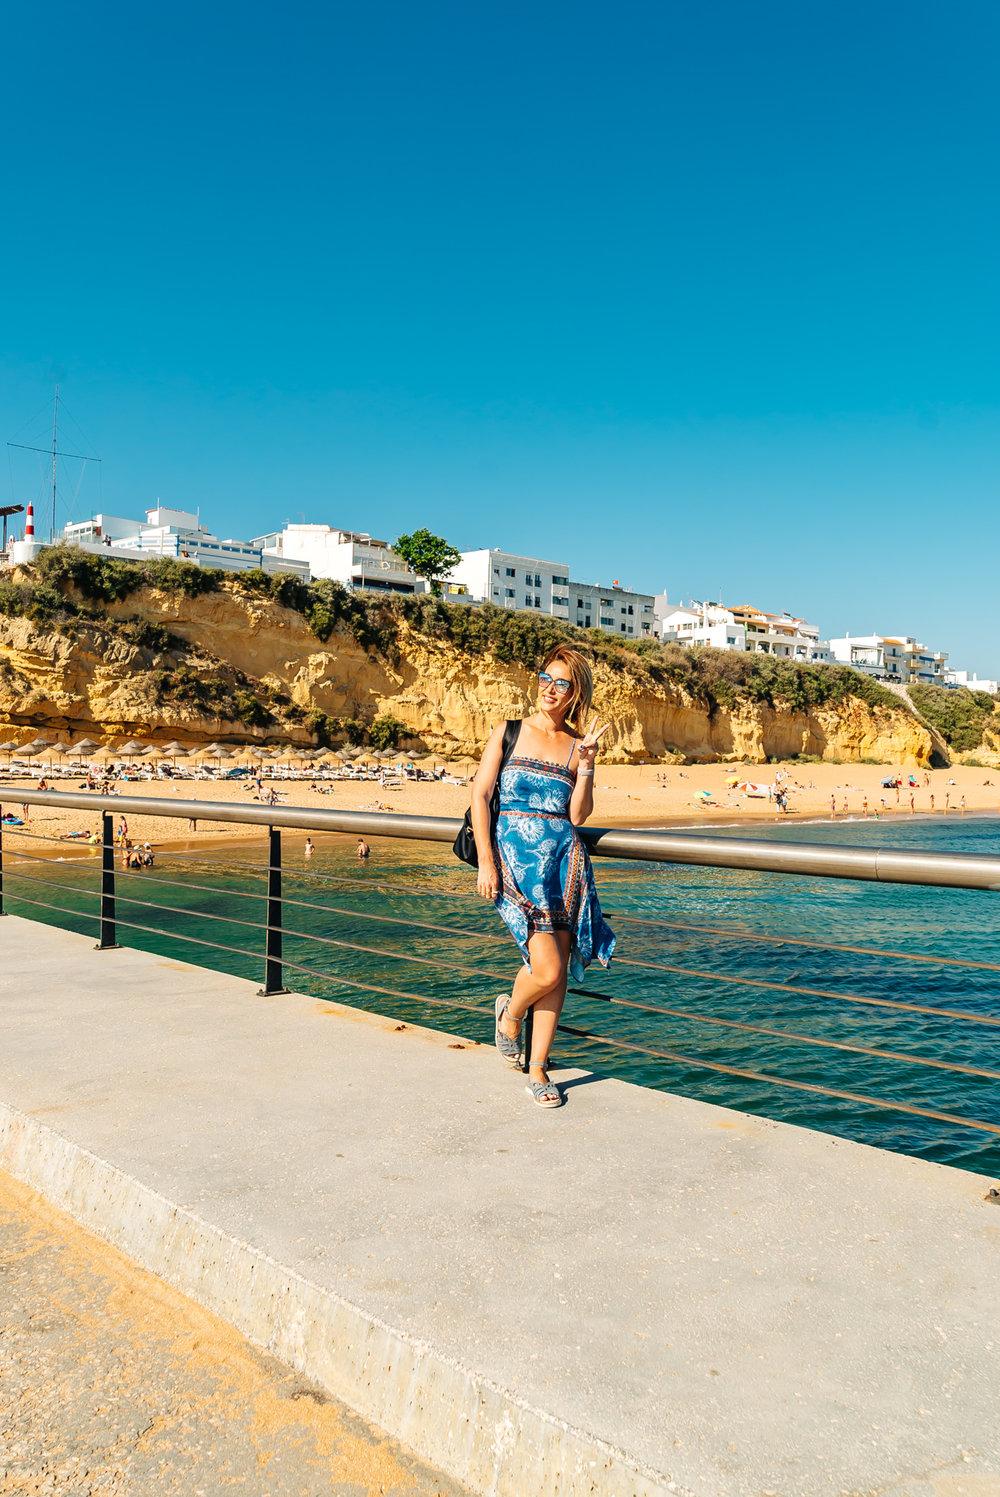 The other side of Praia dos Pescadores